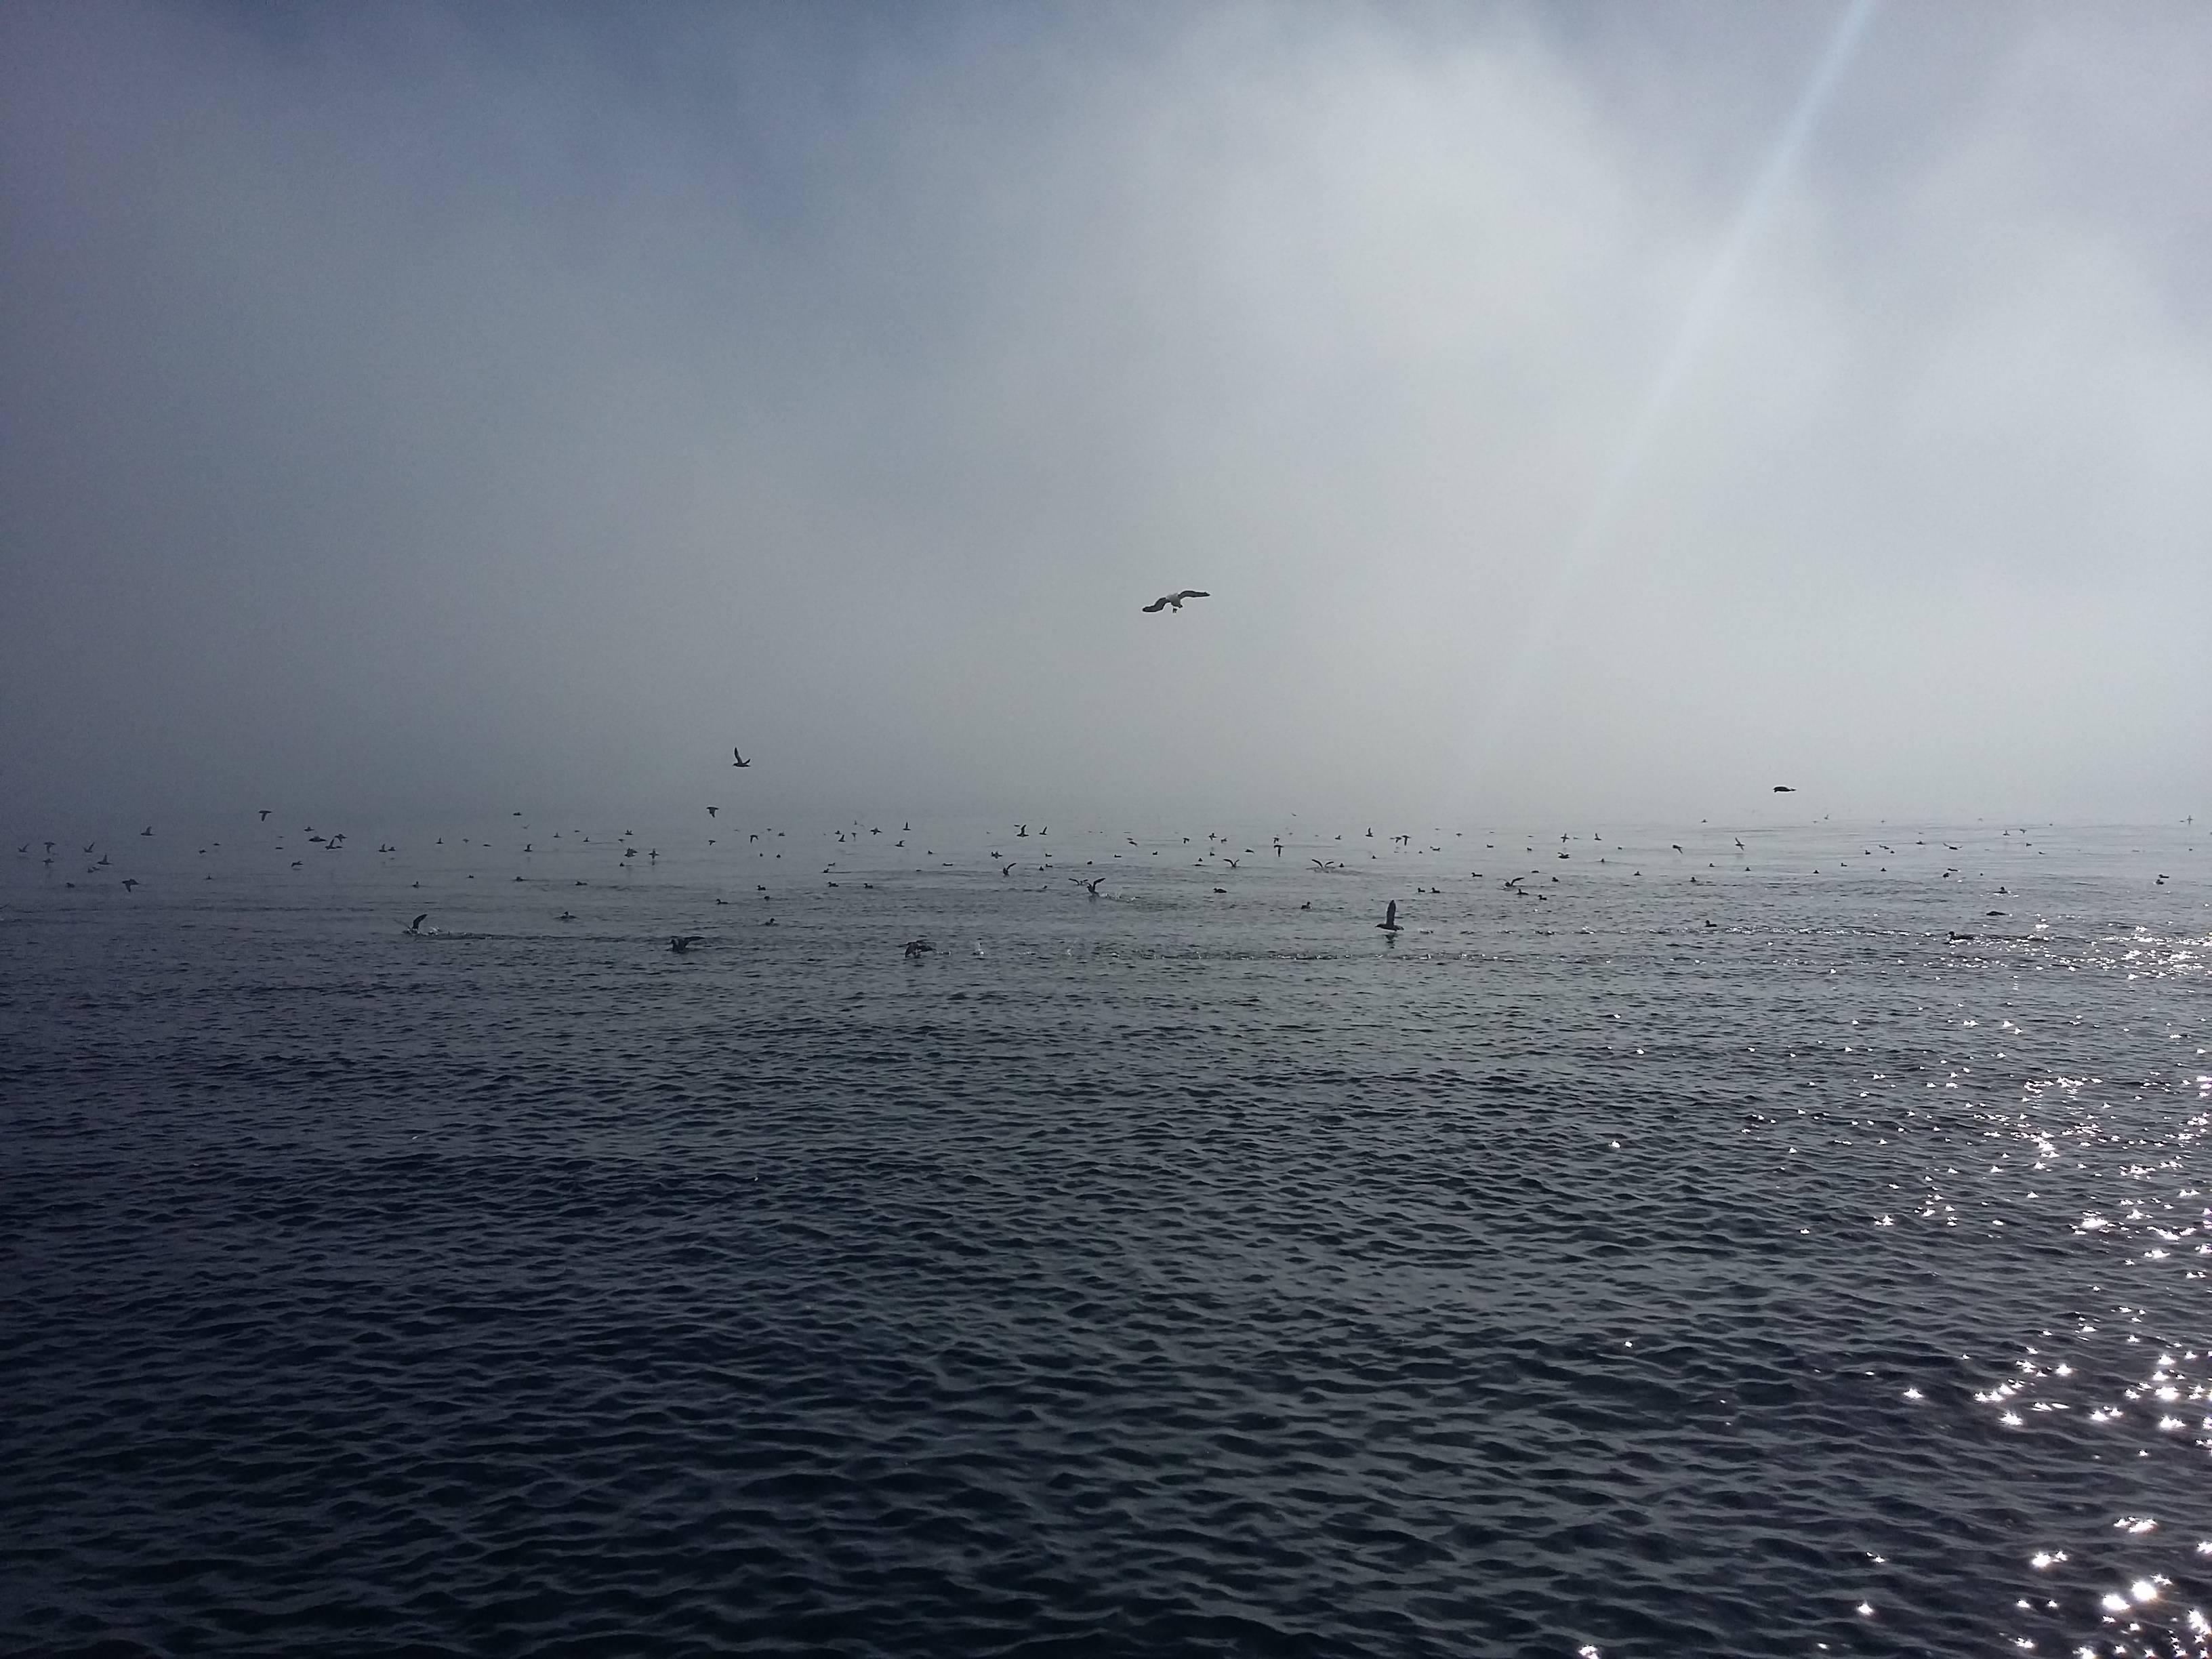 Photo 3: Aller voir les baleines au départ de Monterey